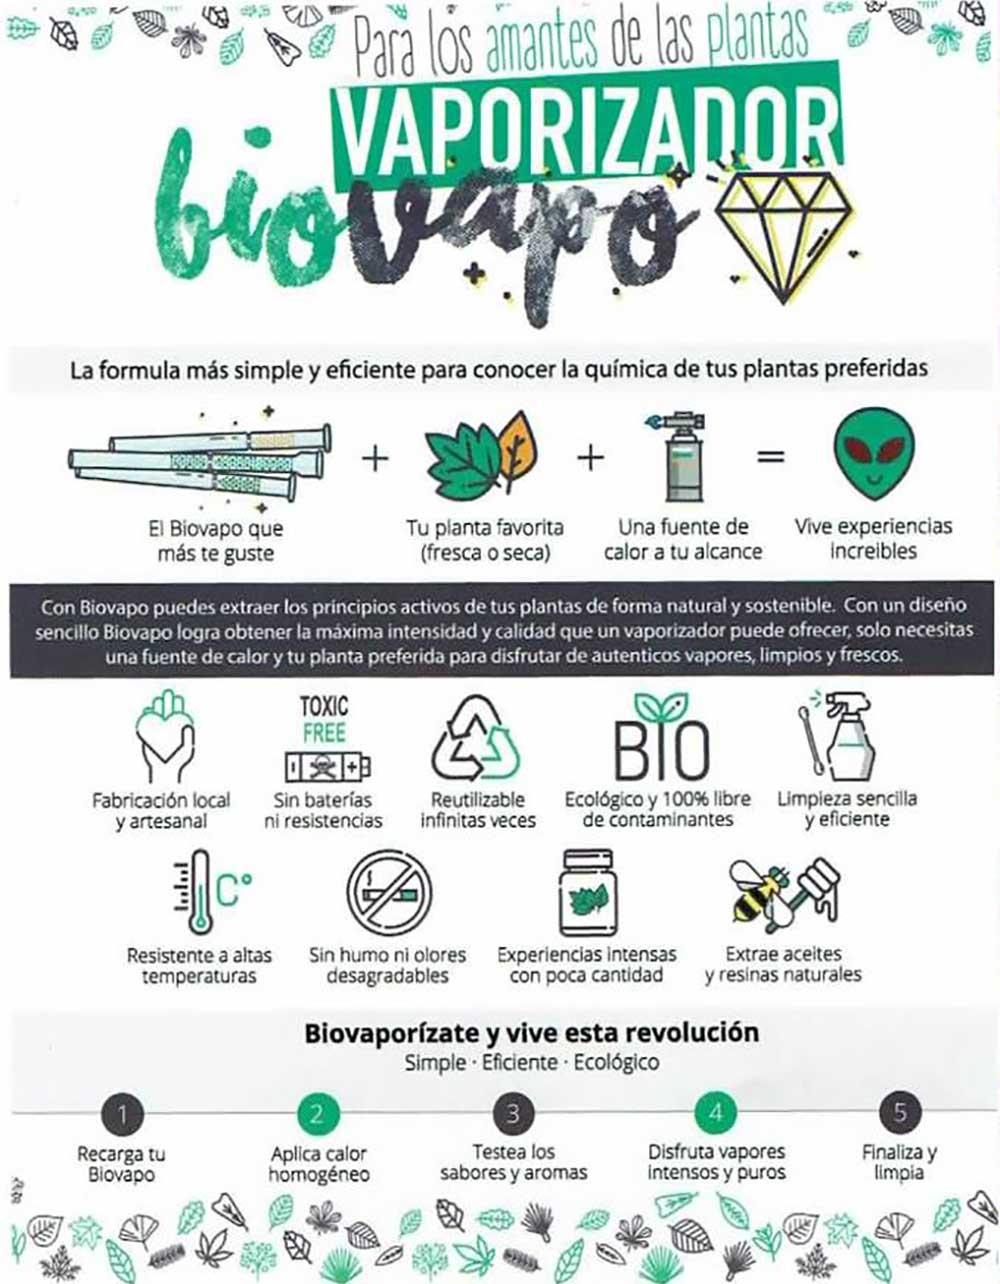 Vaporizador Ecologico Biovapo 05